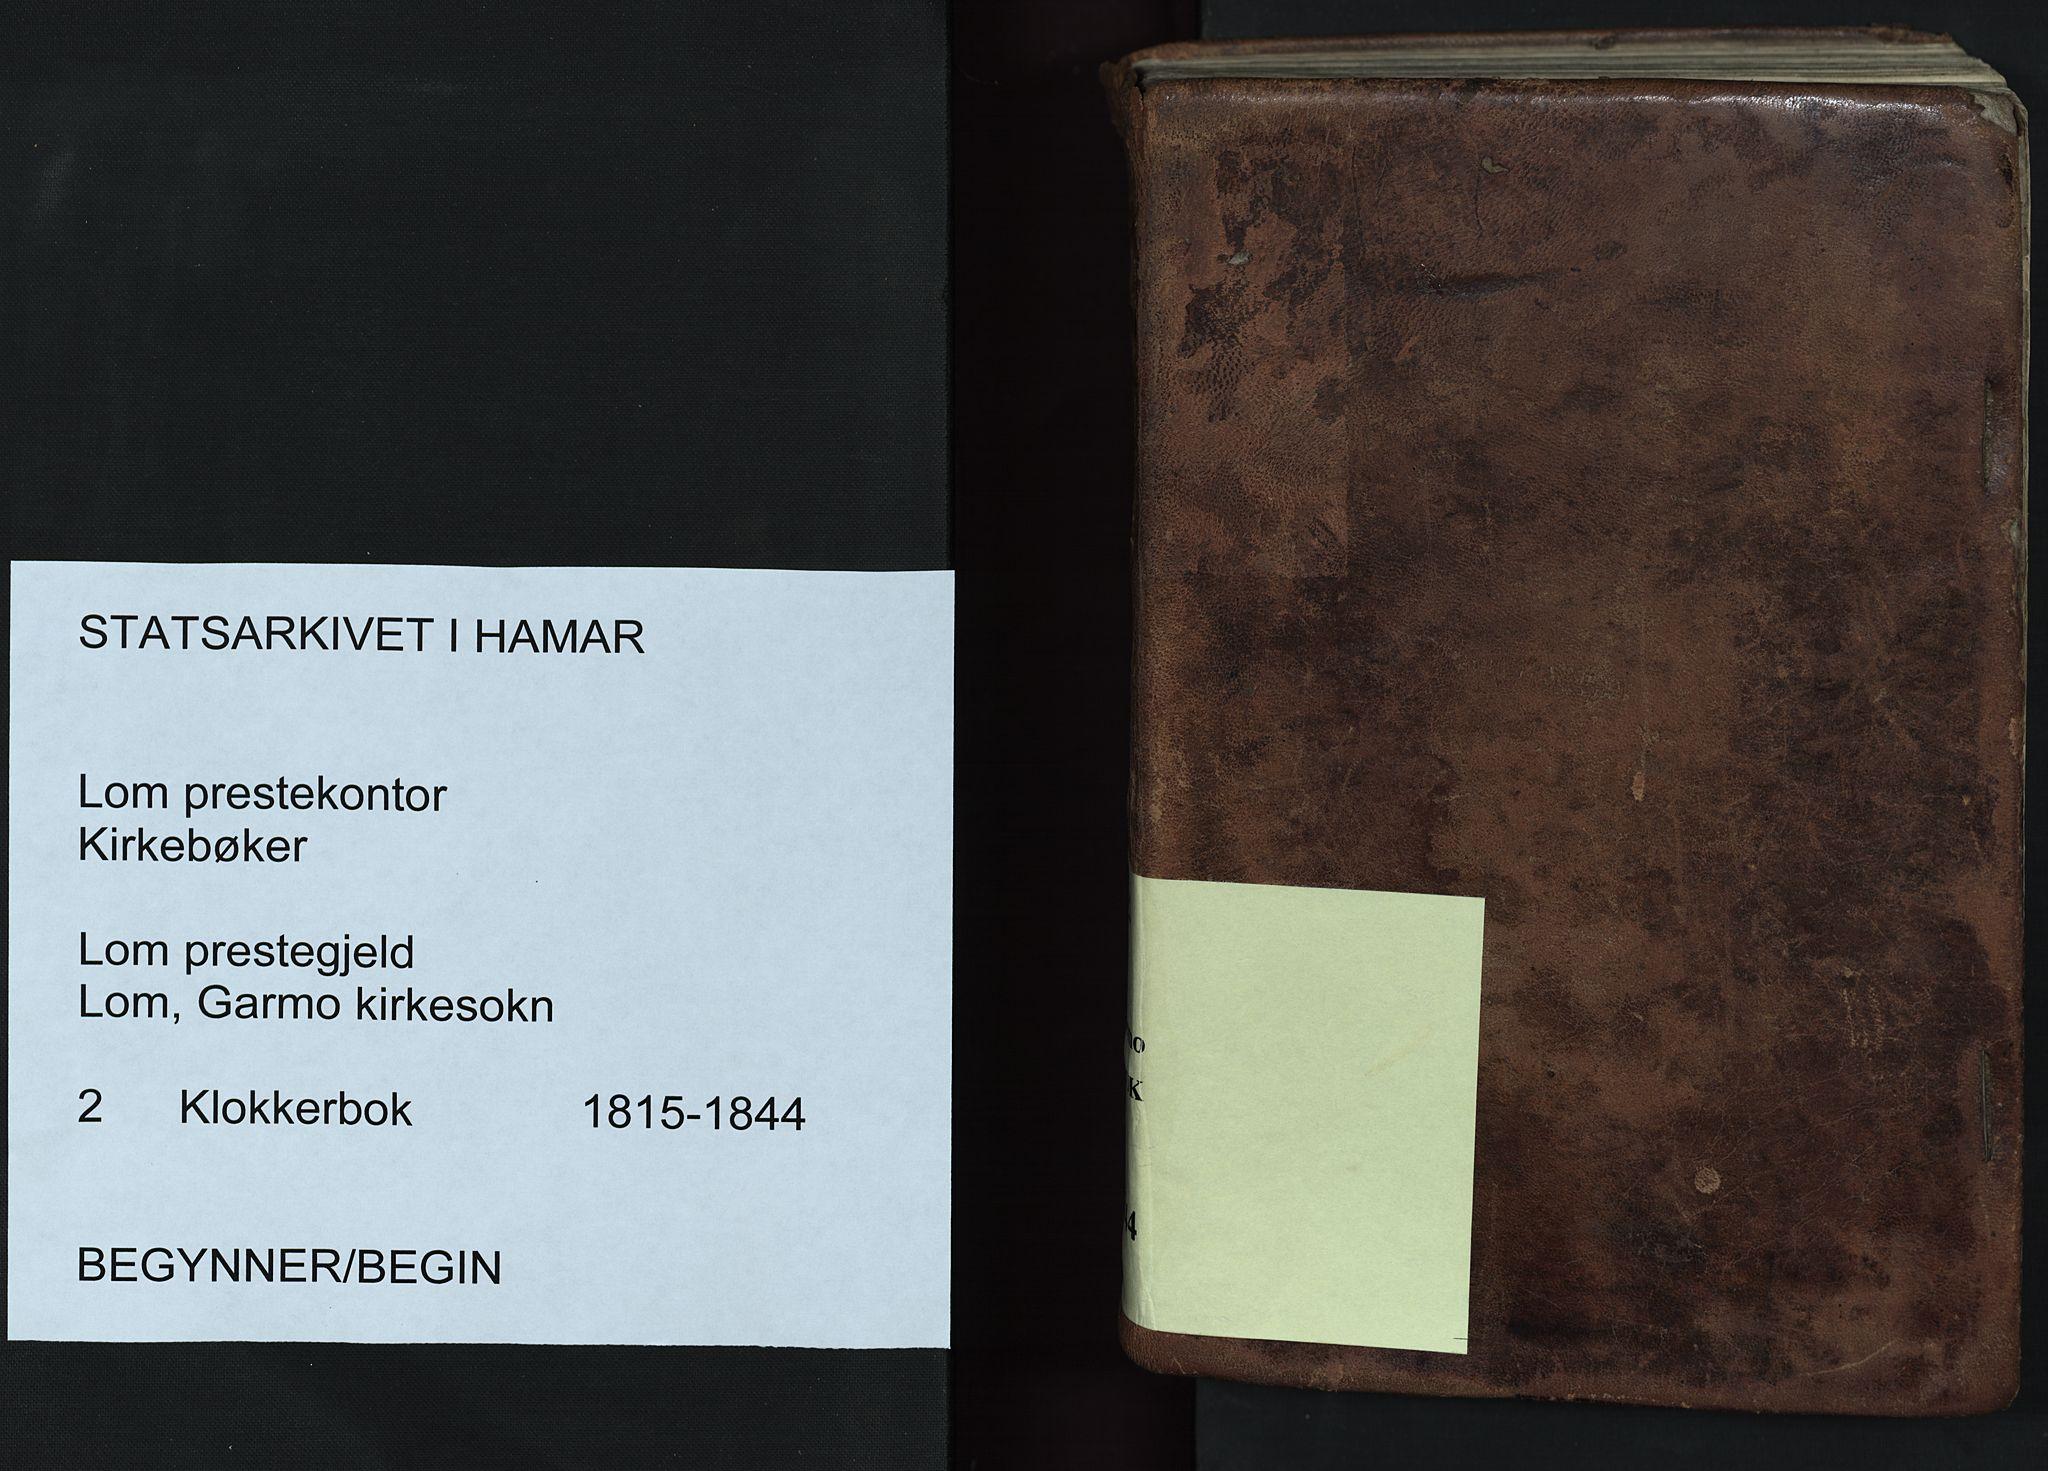 SAH, Lom prestekontor, L/L0002: Klokkerbok nr. 2, 1815-1844